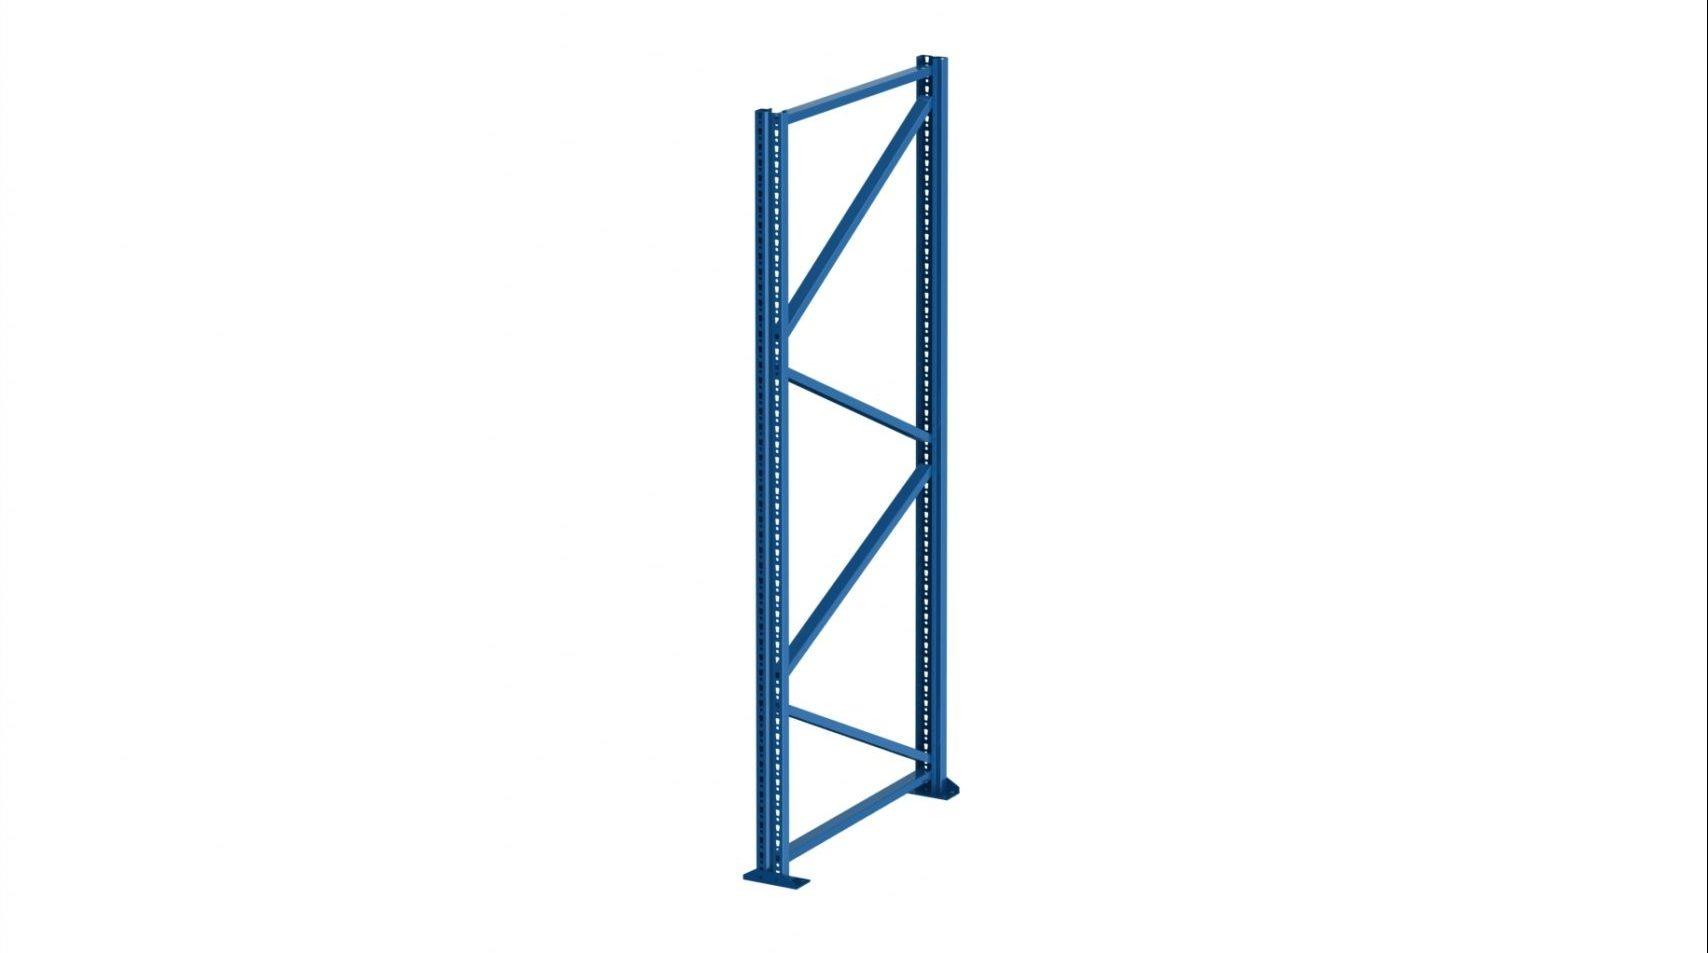 NEDCON Set Ständerrahmen Modell 10068204050 Höhe 2500 mm, Tiefe 1100 mm